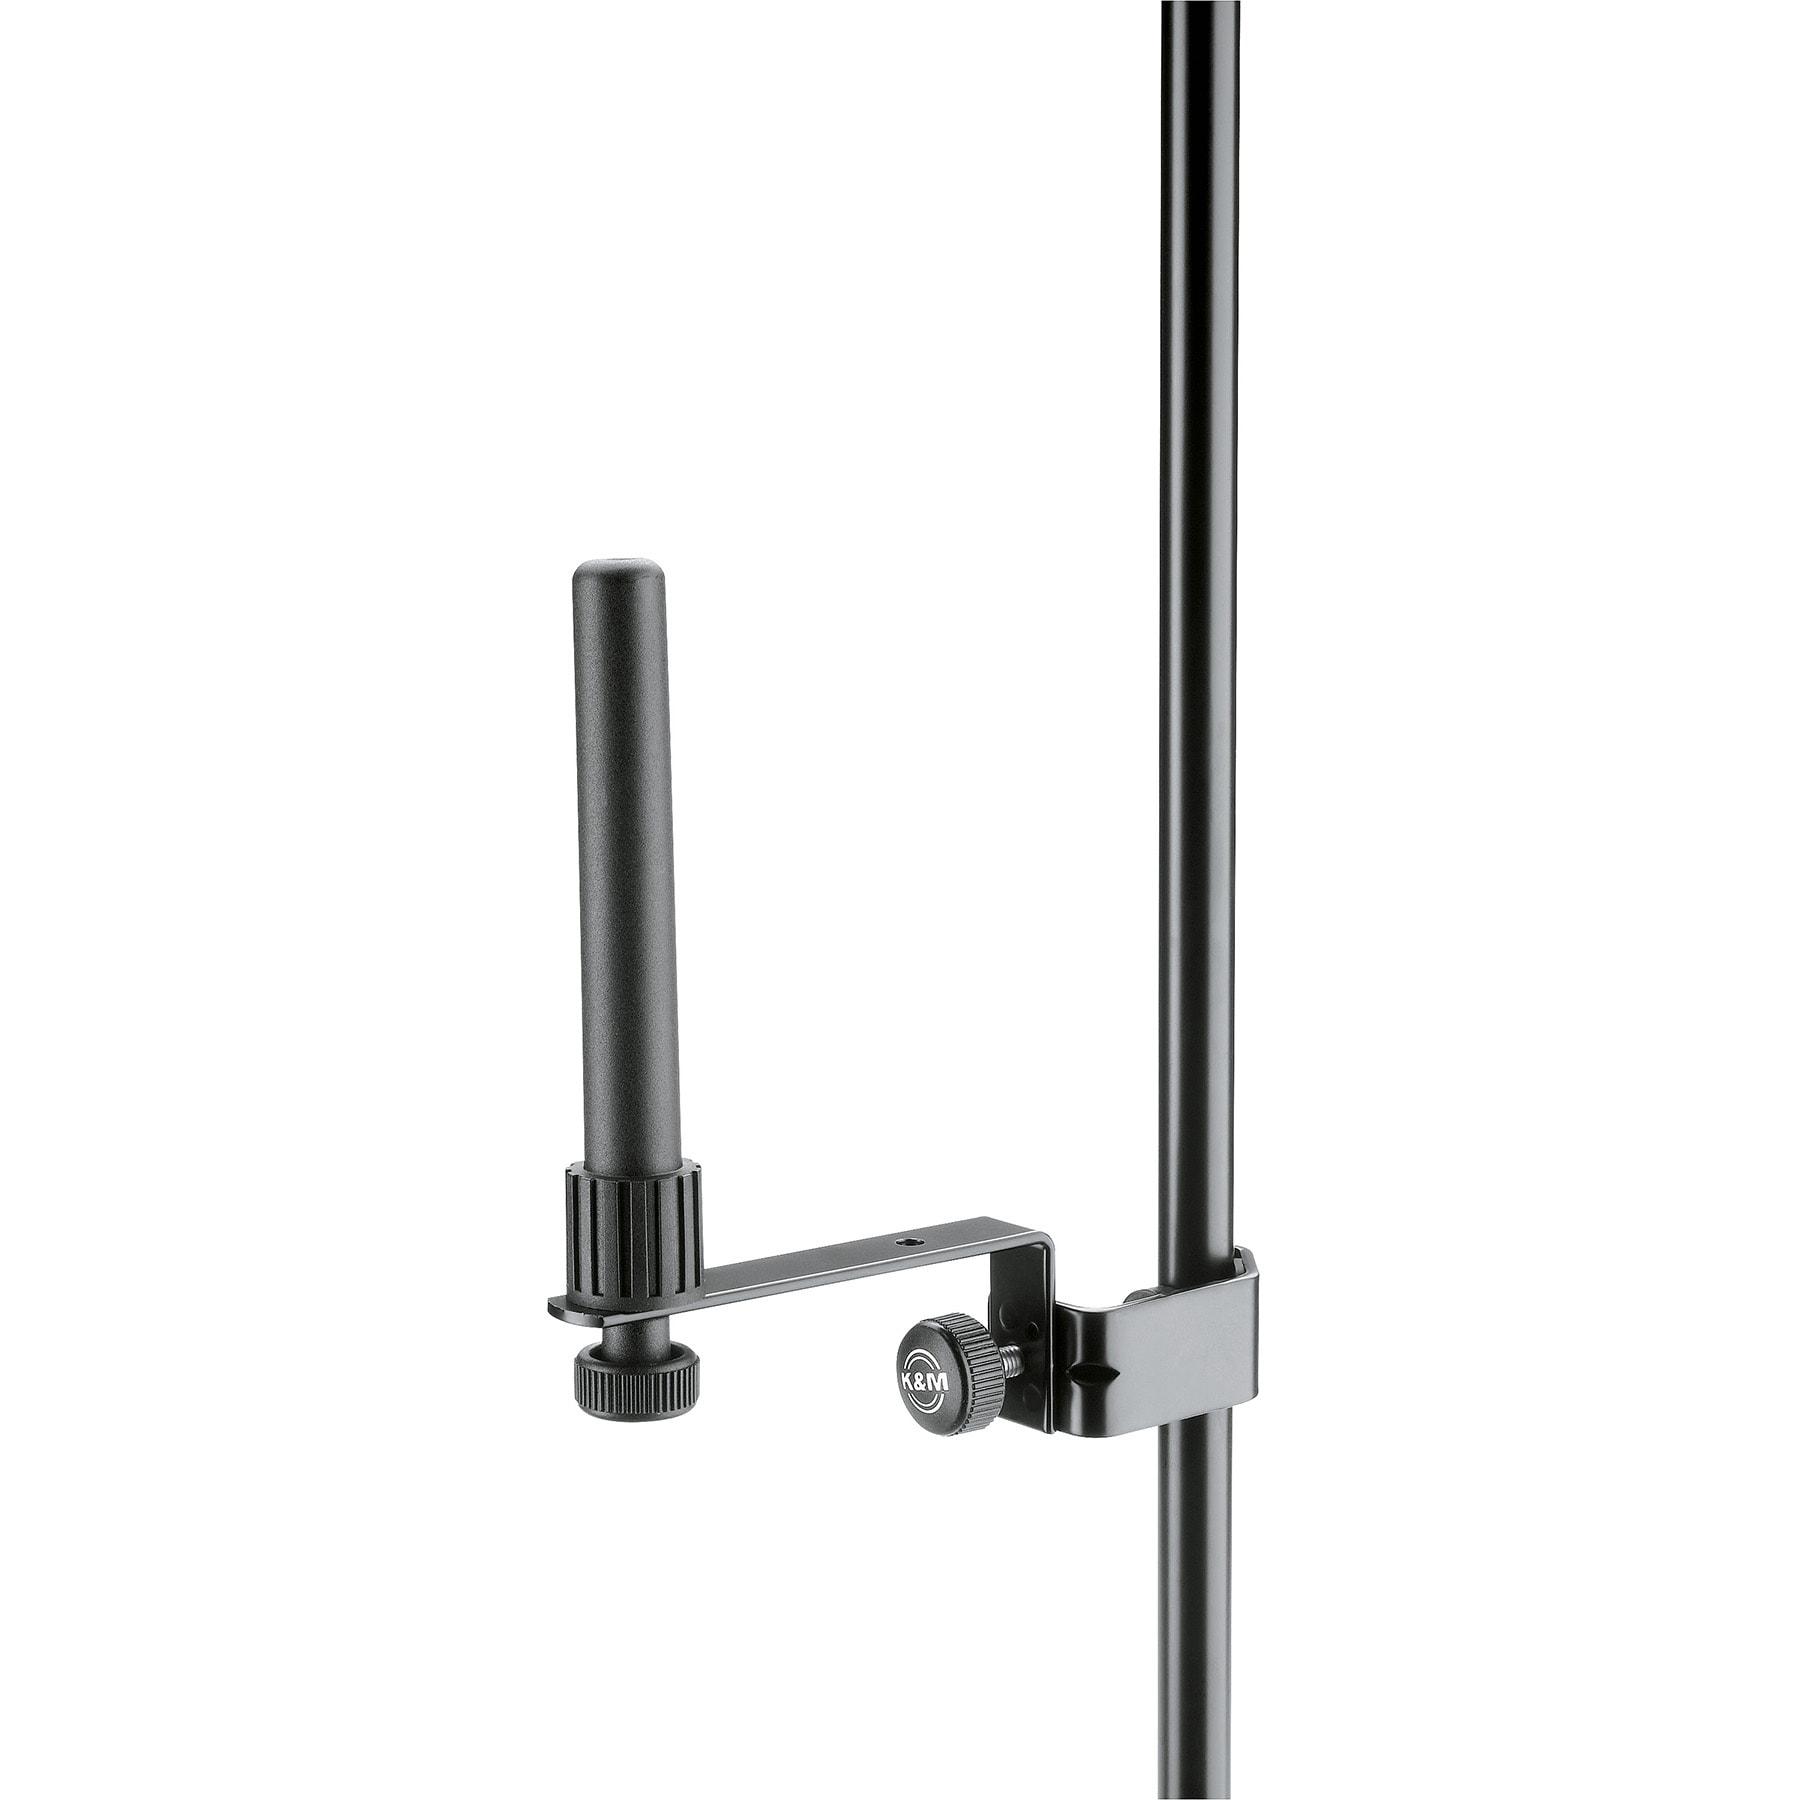 KM15235 - Flute holder